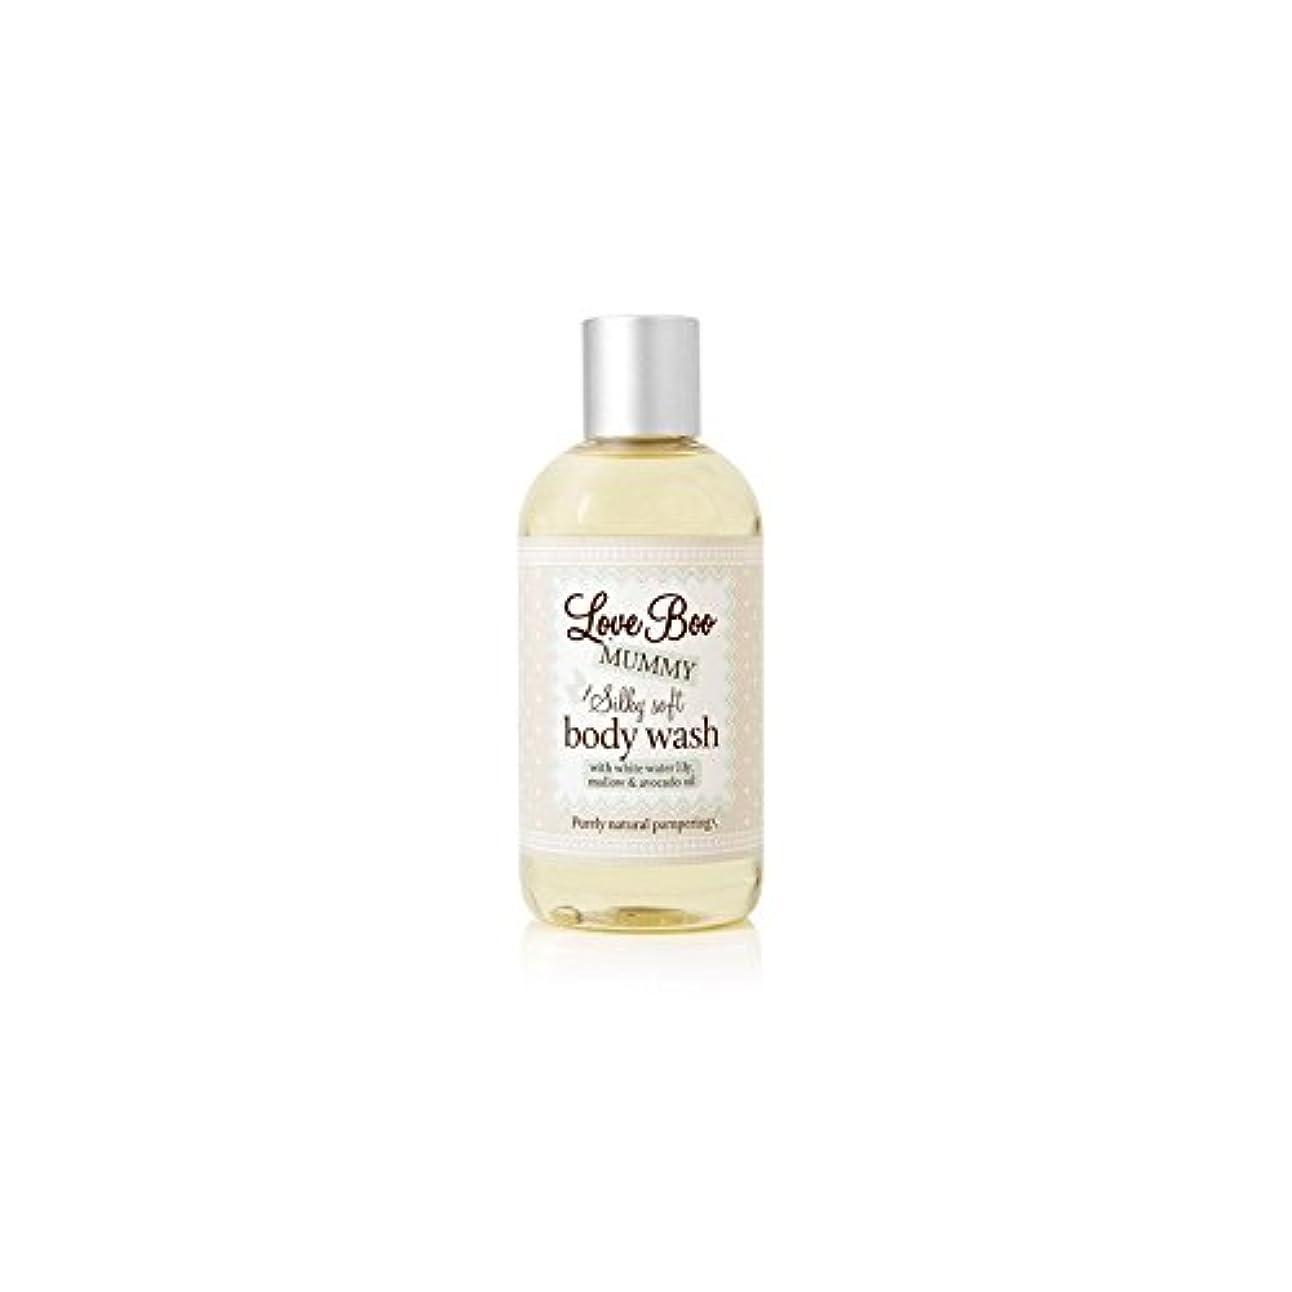 公園息切れ障害Love Boo Silky Soft Body Wash (250ml) (Pack of 6) - 絹のようなソフトボディウォッシュ(250ミリリットル)愛 x6 [並行輸入品]